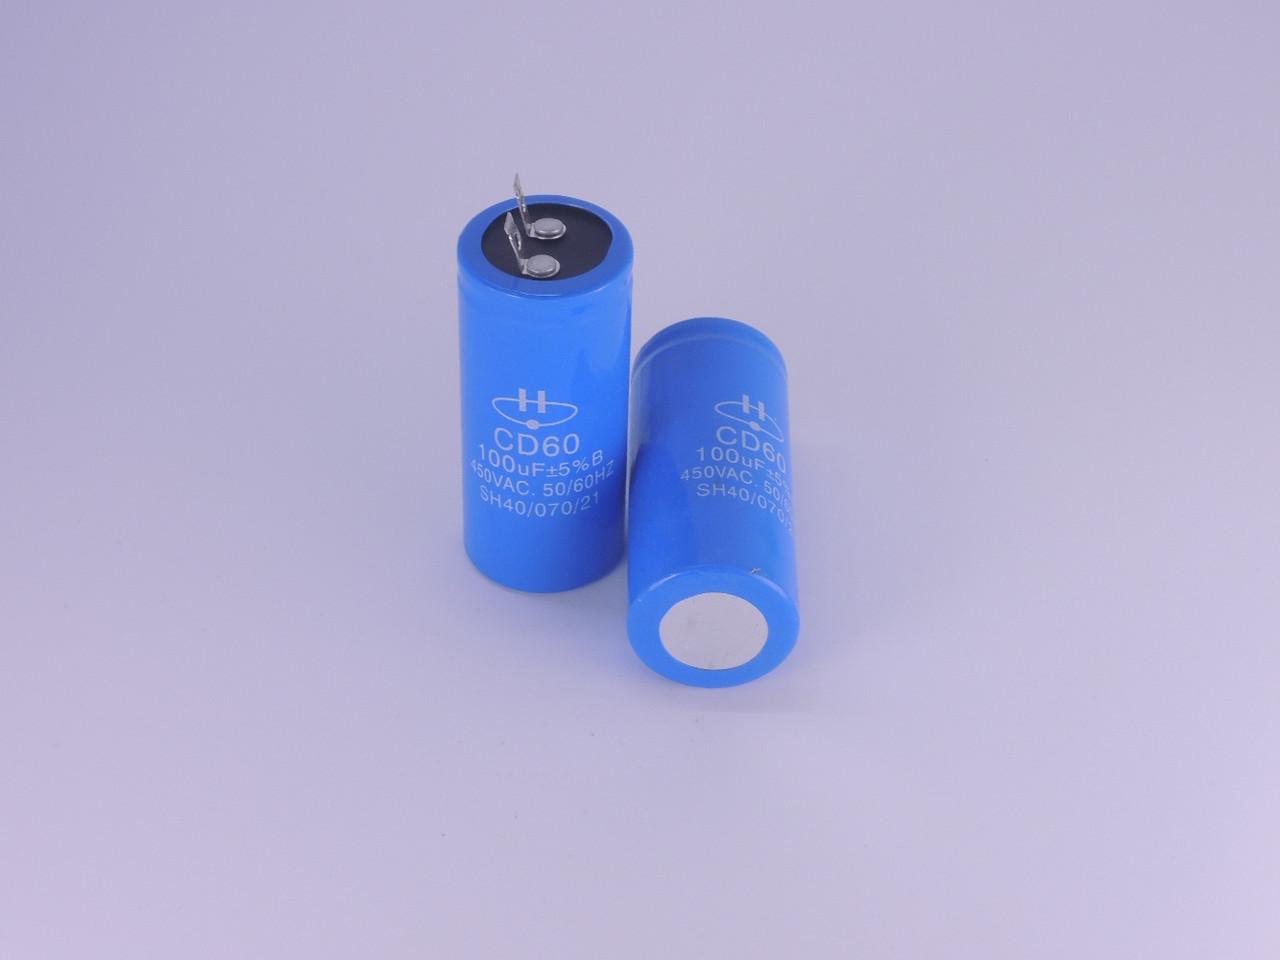 Конденсатор пусковой  для электродвигателя CD60 100 мкф 450В